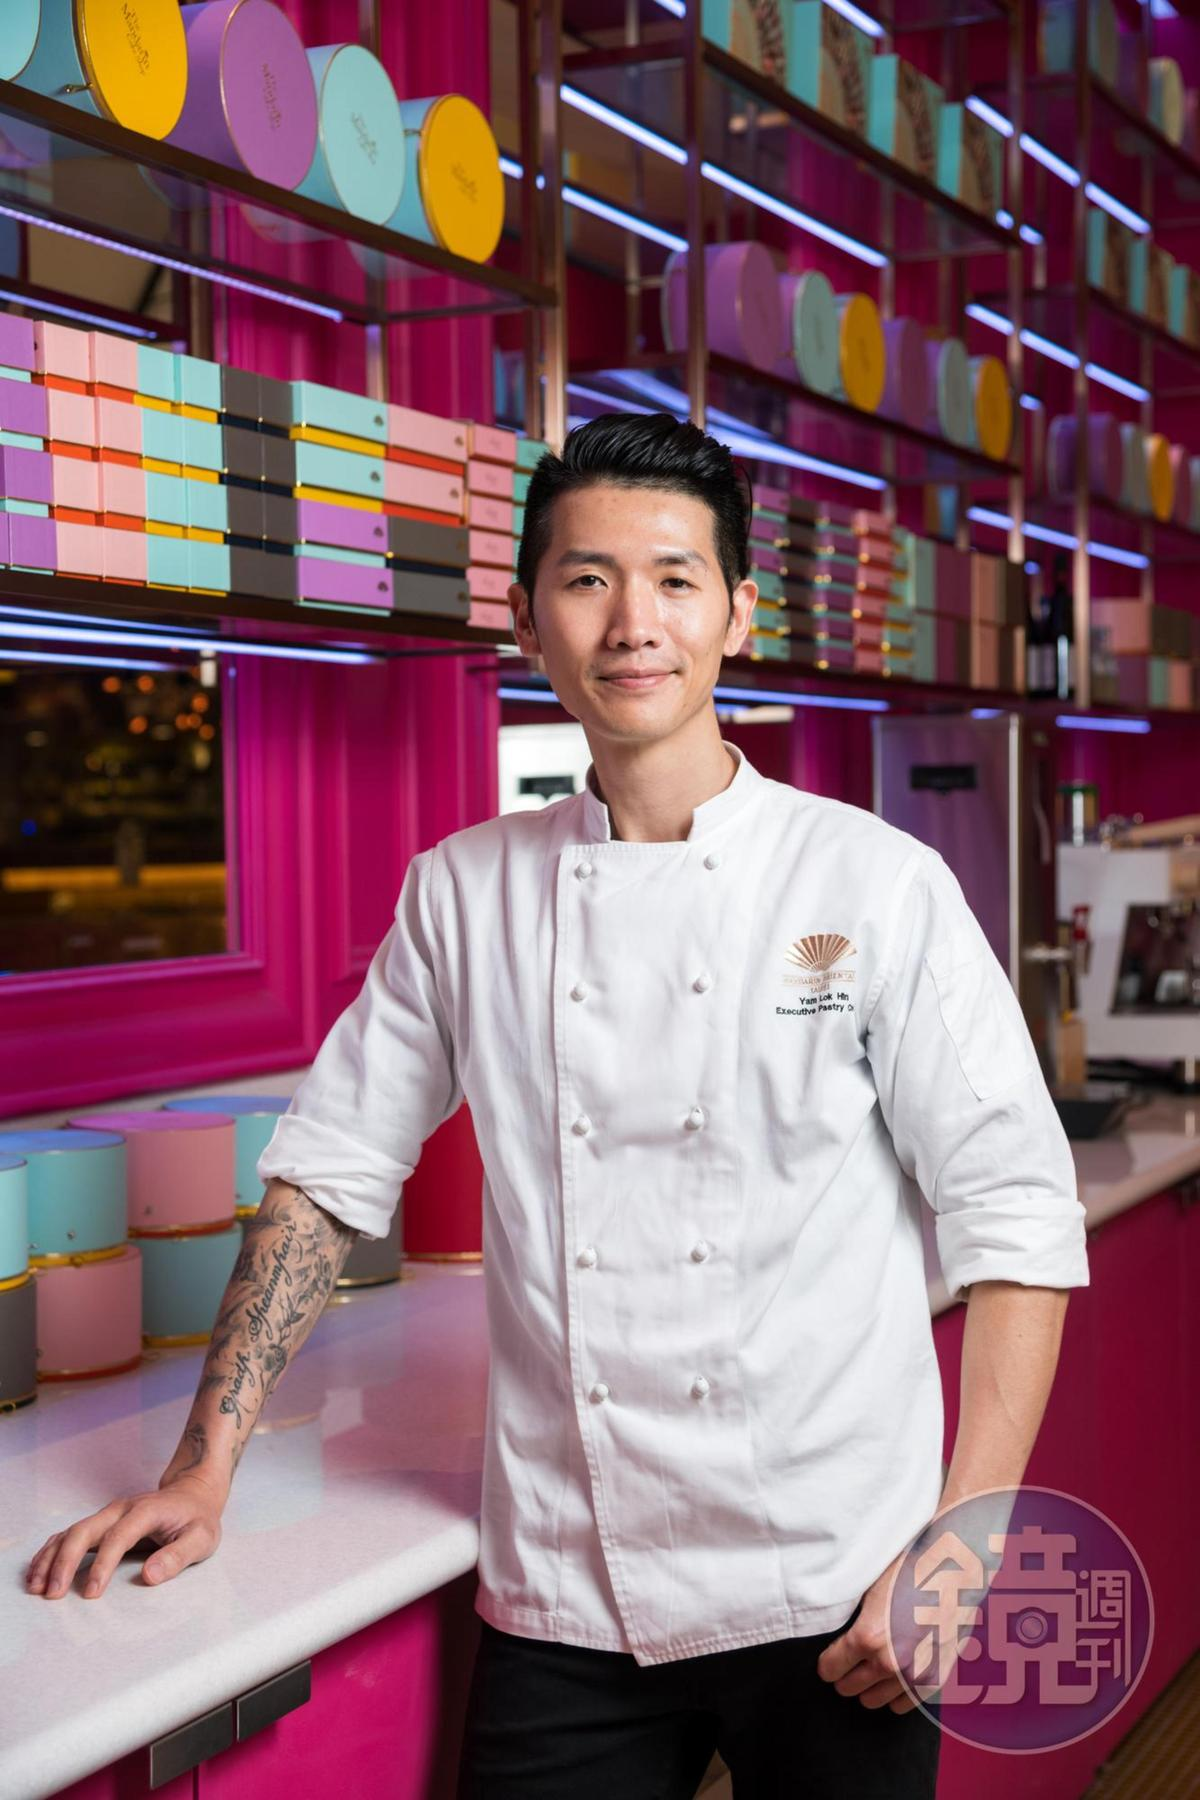 台北文華東方酒店行政西點主廚任樂軒(Hin),曾獲得國際巧克力甜點比賽北美區銀獎,是唯一獲獎的亞洲人,同時也是今年第二屆台北米其林晚宴甜點主廚。